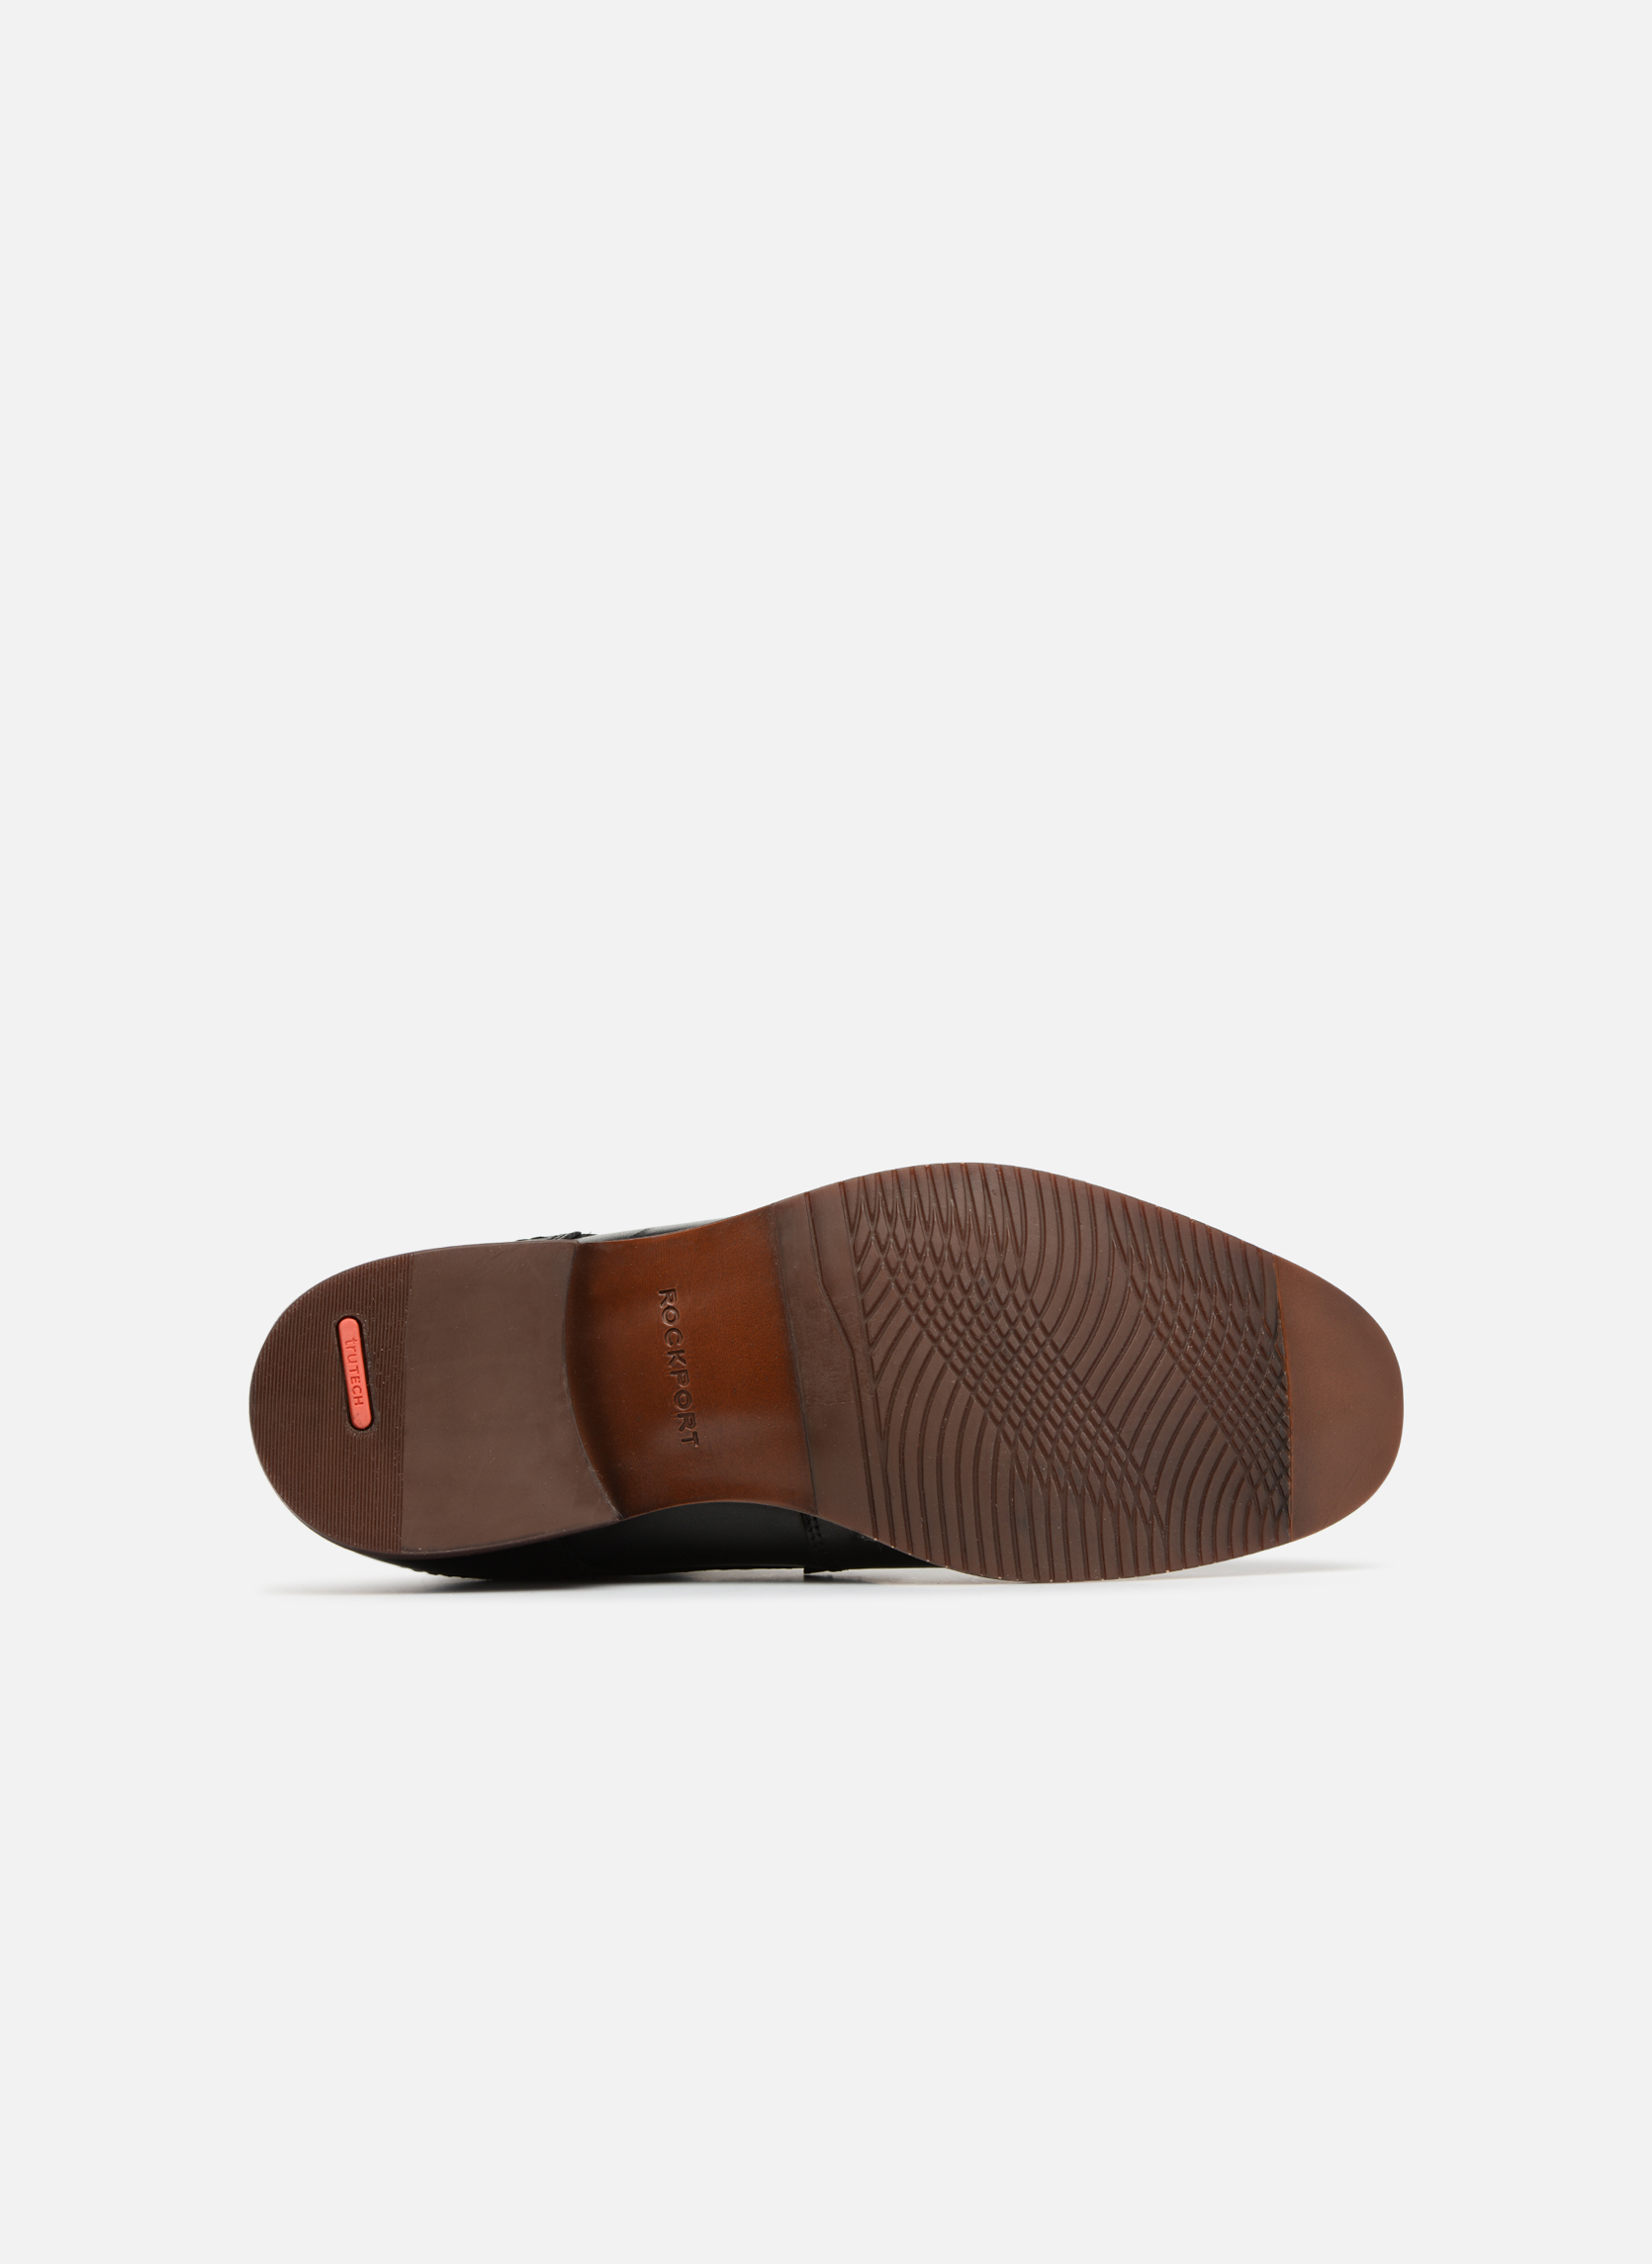 SP Perf Plain Toe Black